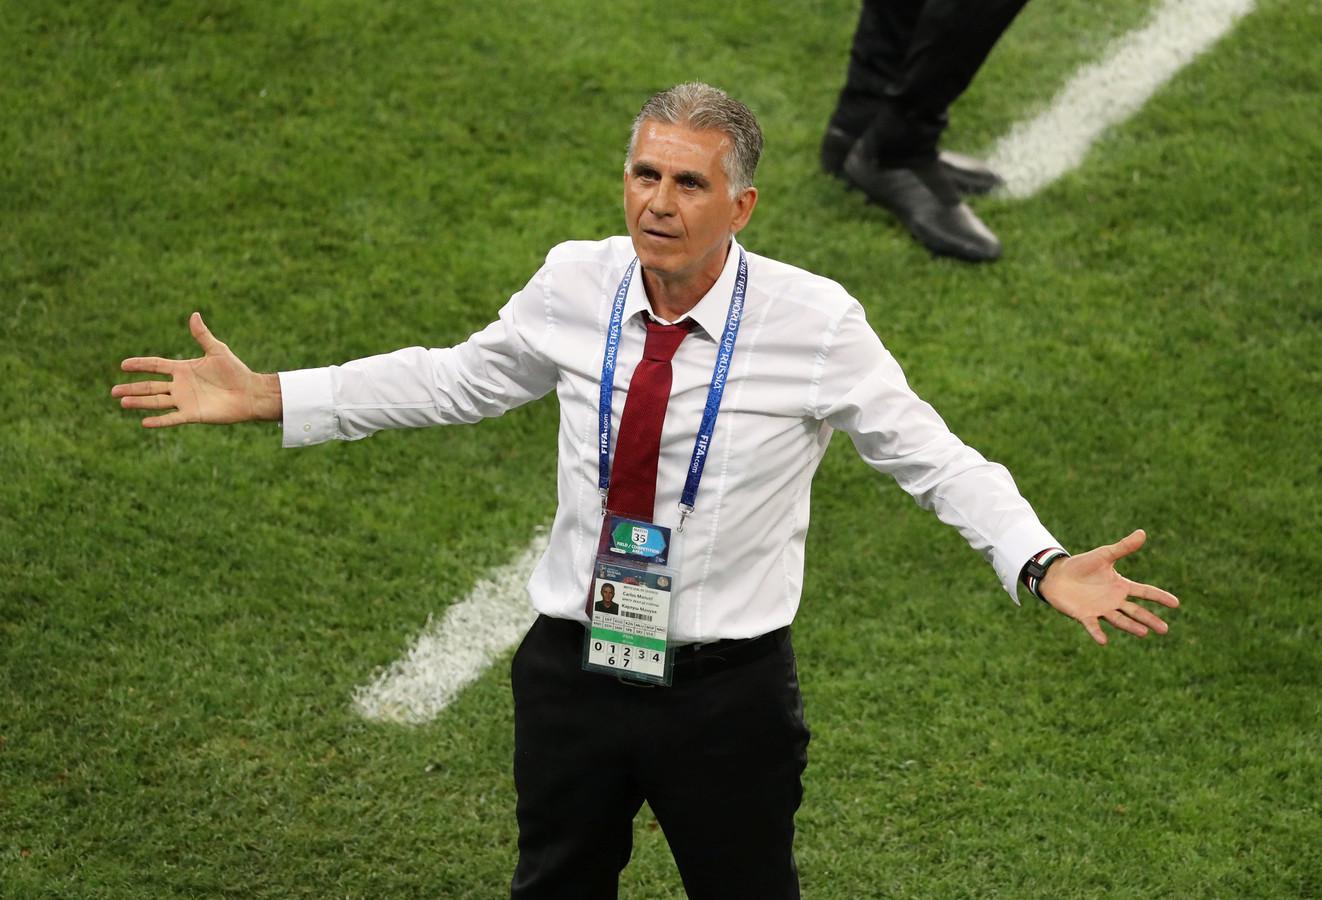 Carlos Queiroz als bondscoach van Iran tijdens het WK 2018 in Rusland.